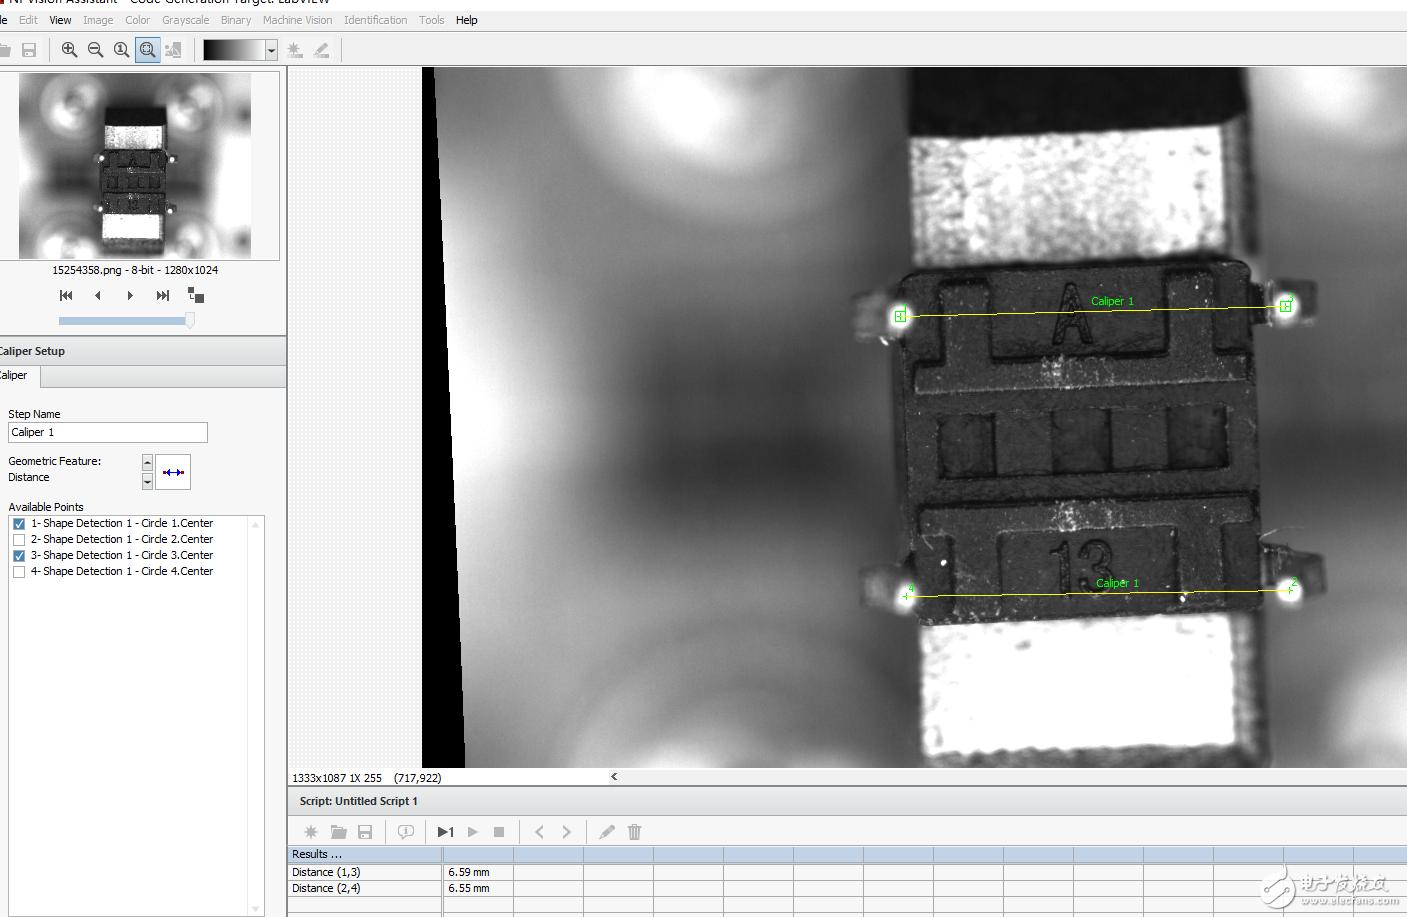 不用模板匹配,换成卡尺,自己进行计算得到偏移量和旋转角度?